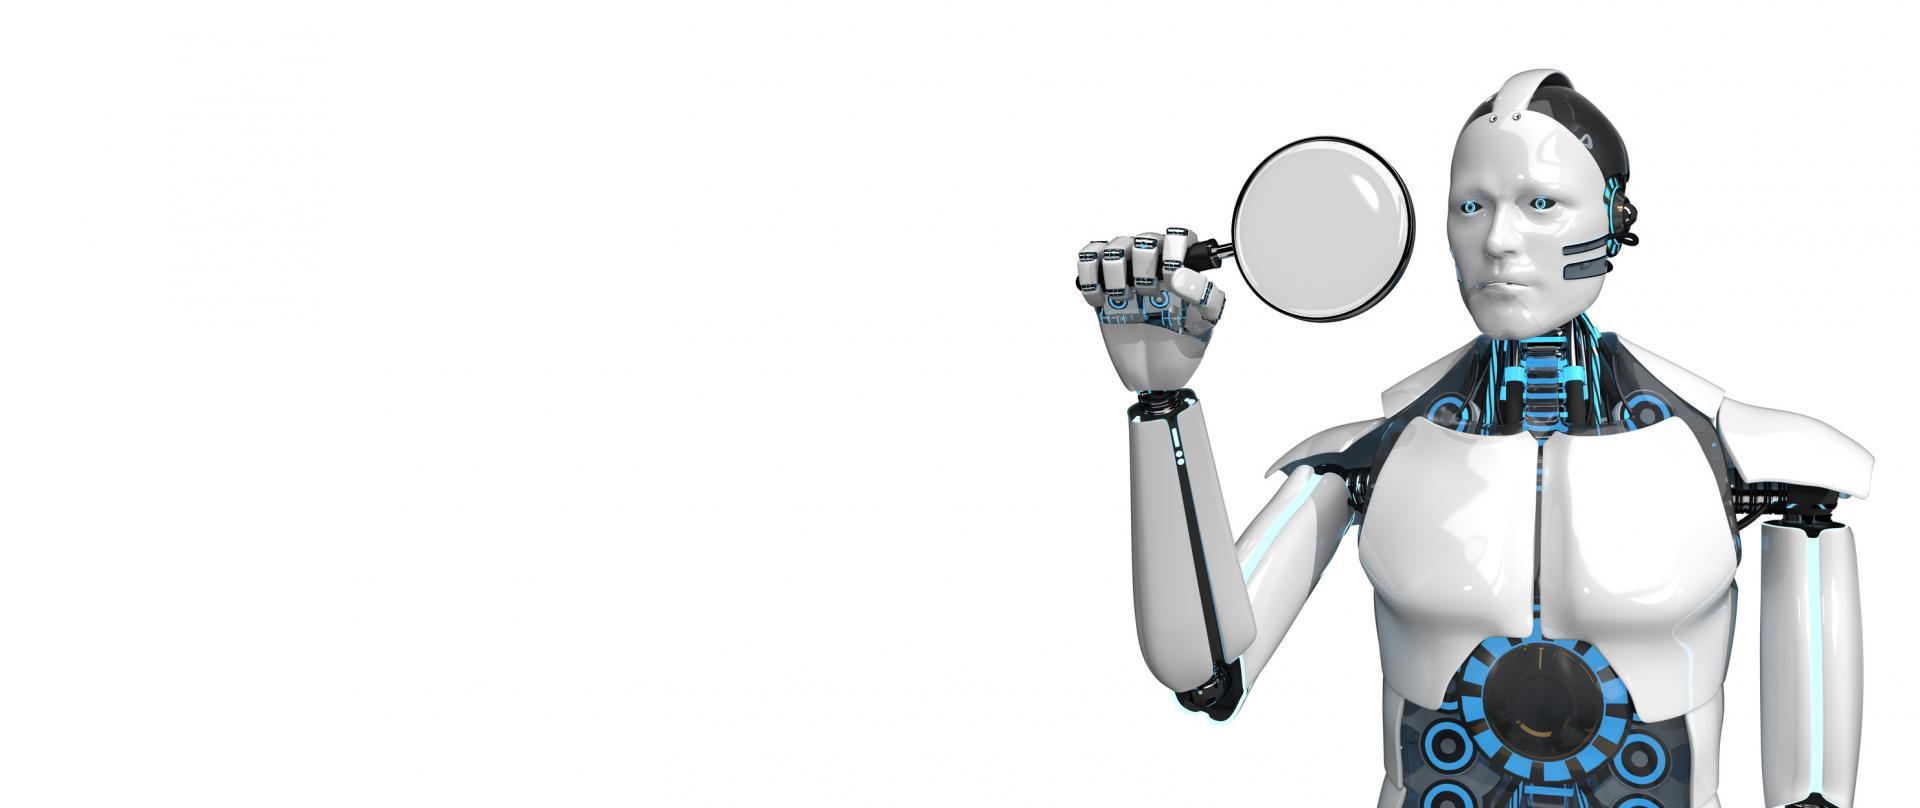 Roboter mit Lupe auf einem weißen Hintergrund